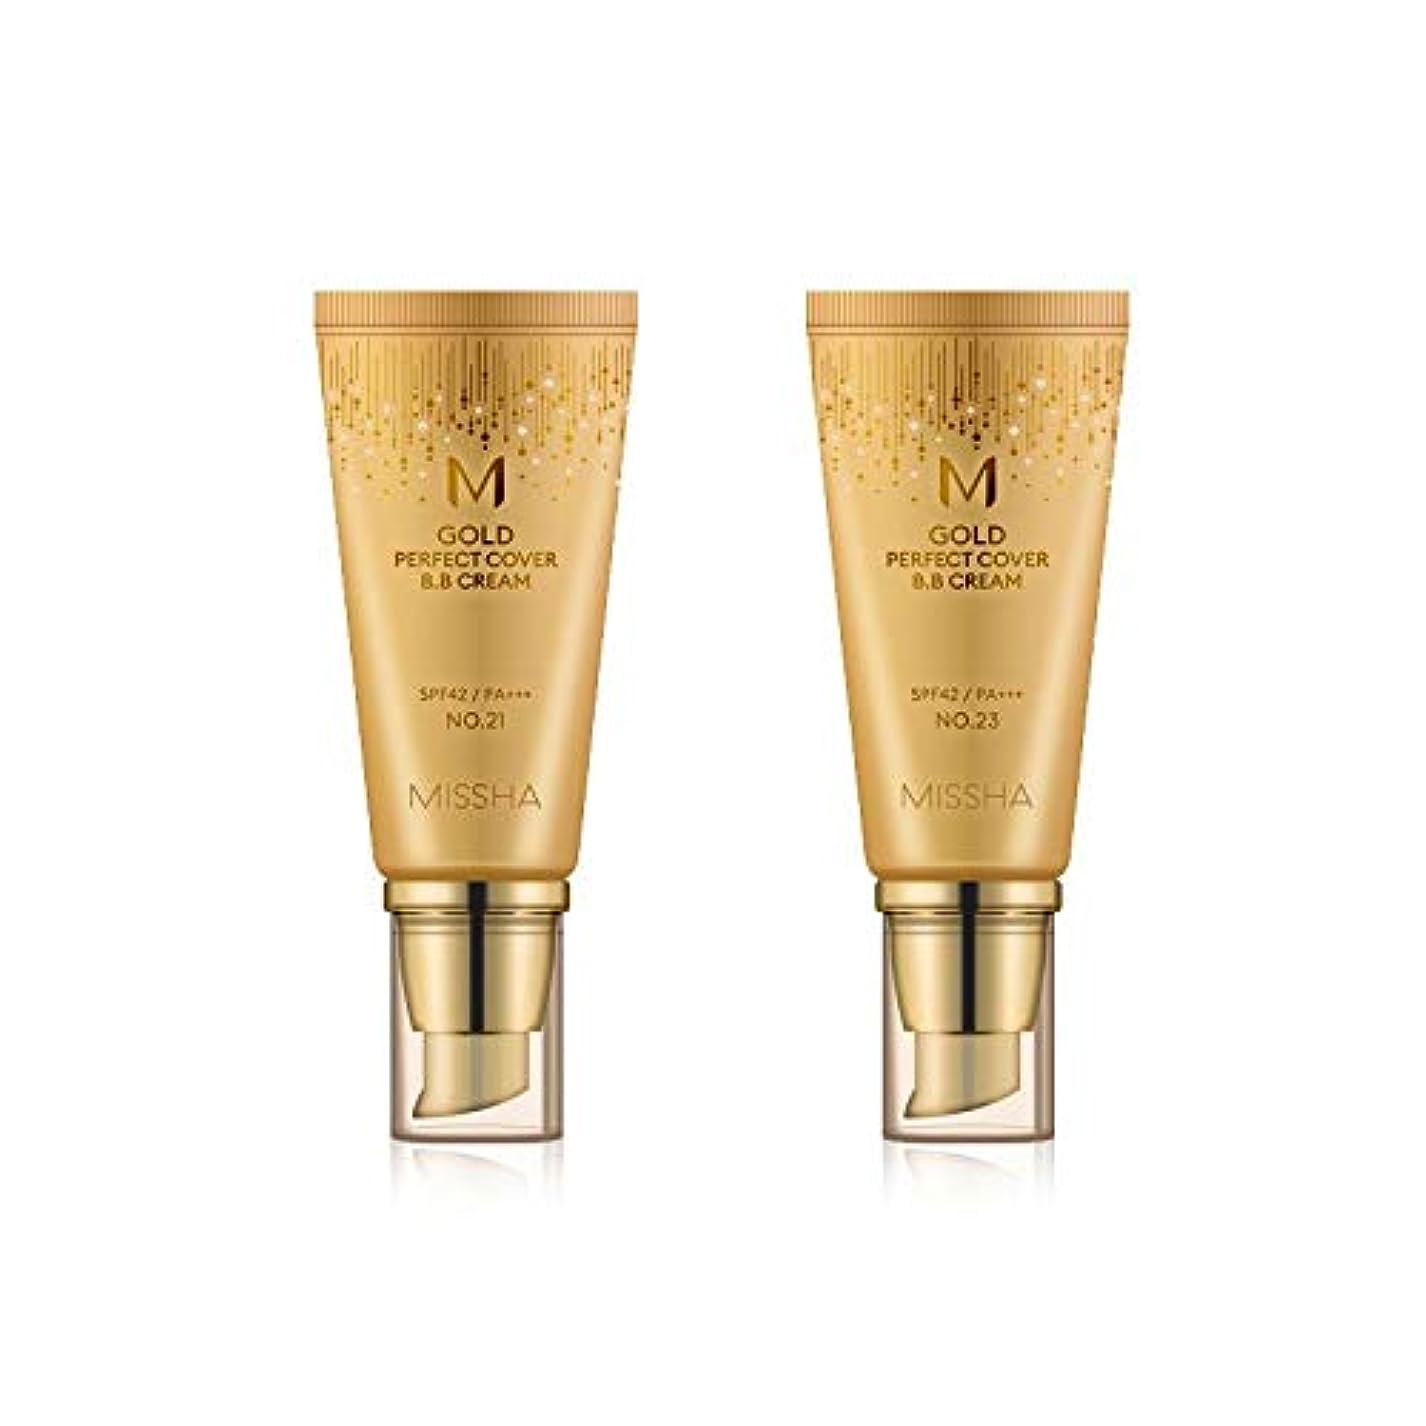 差し迫ったいまやさしくMISSHA Gold Perfecte Cover BB Cream SPF42 PA+++ / ミシャ ゴールド パーフェクト カバー BBクリーム 50ml *NO.23 [並行輸入品]